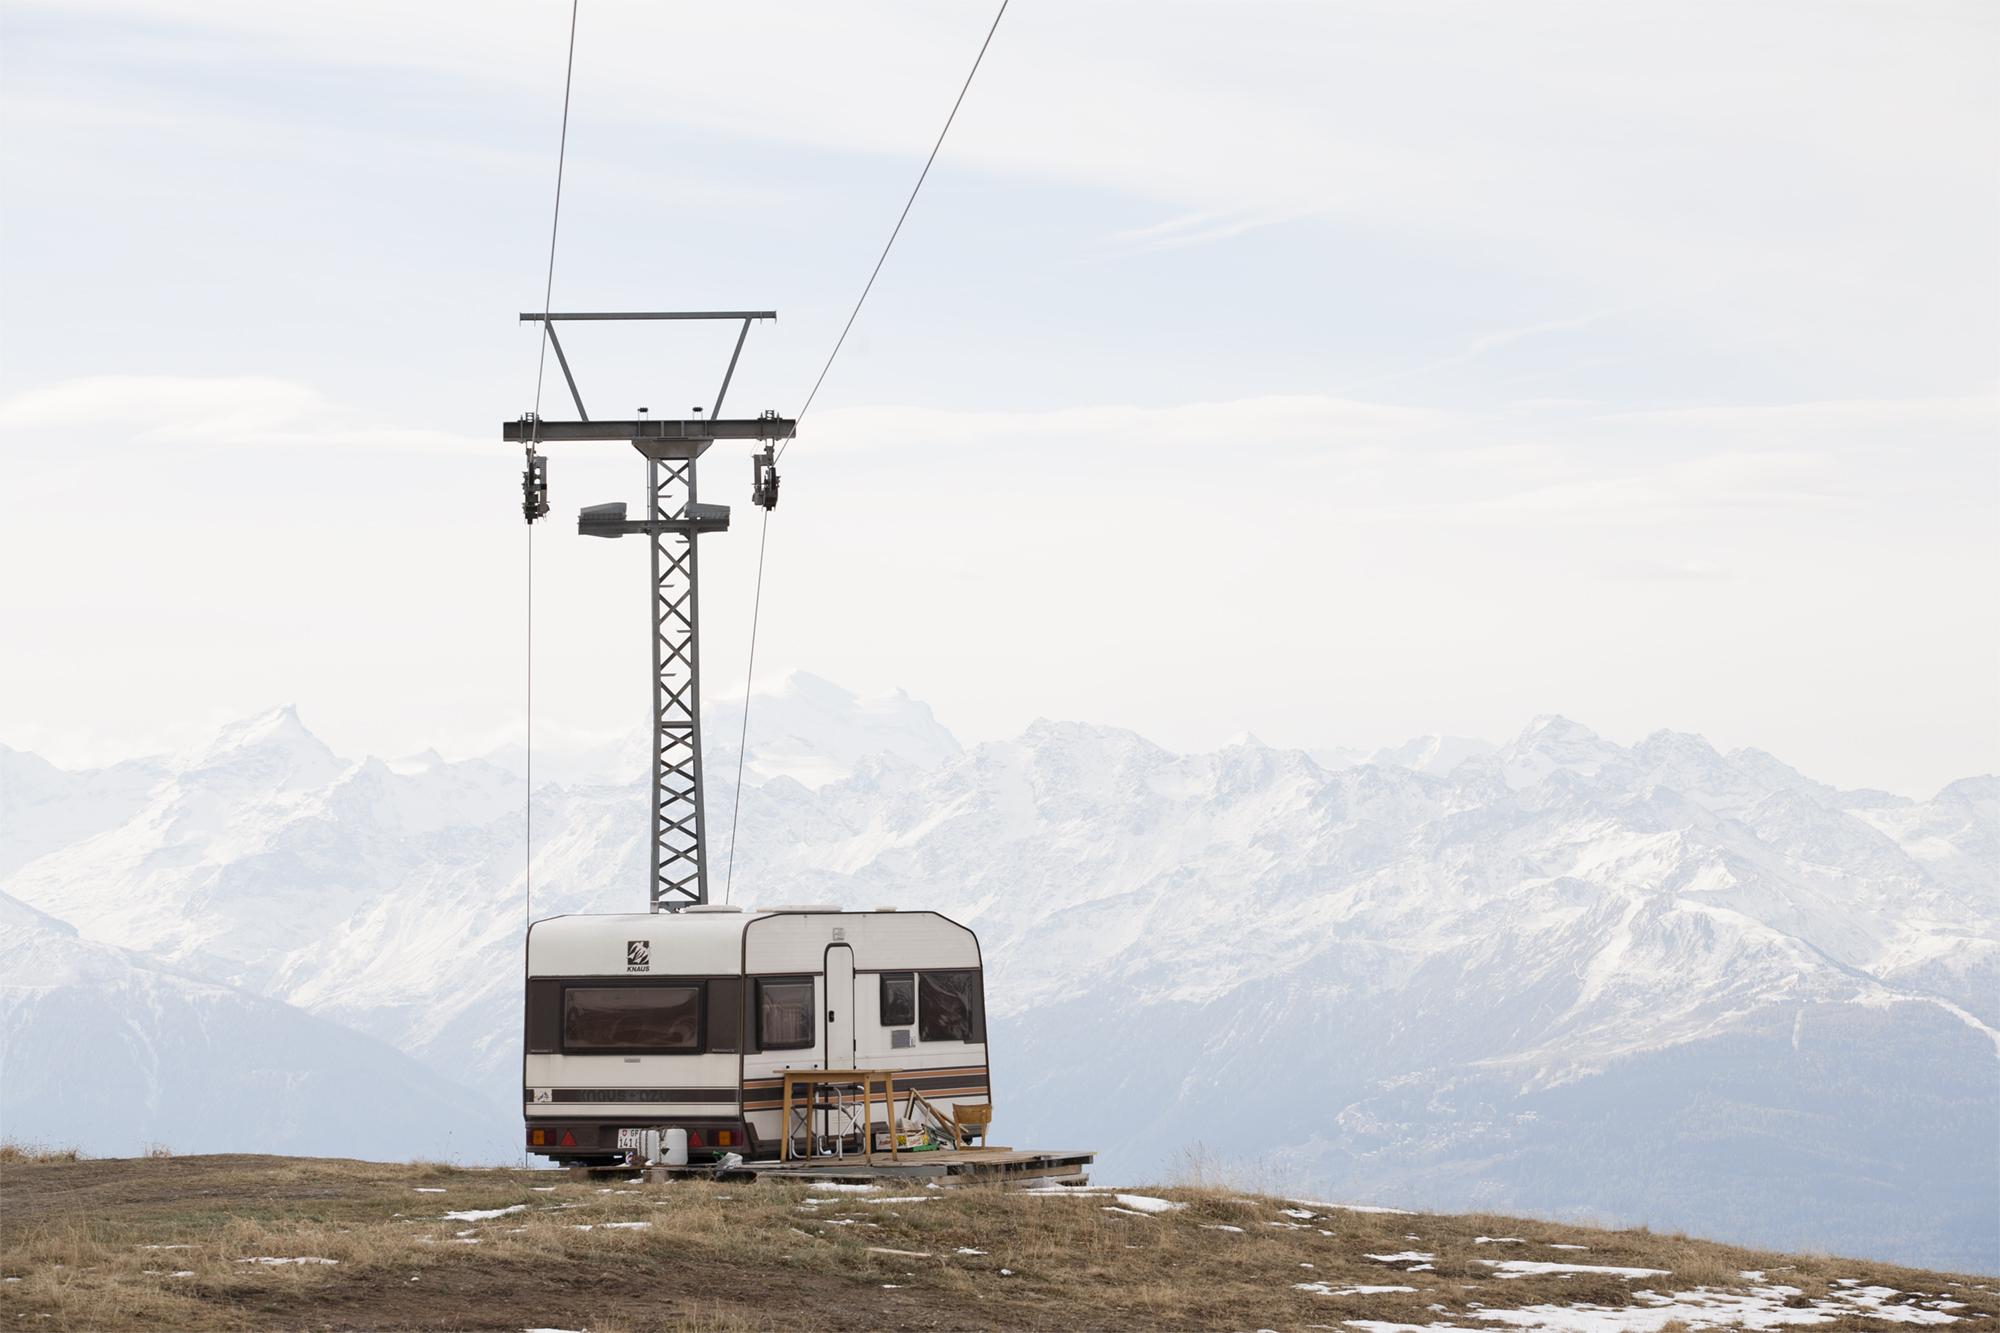 caravane devant un pylône de téléski